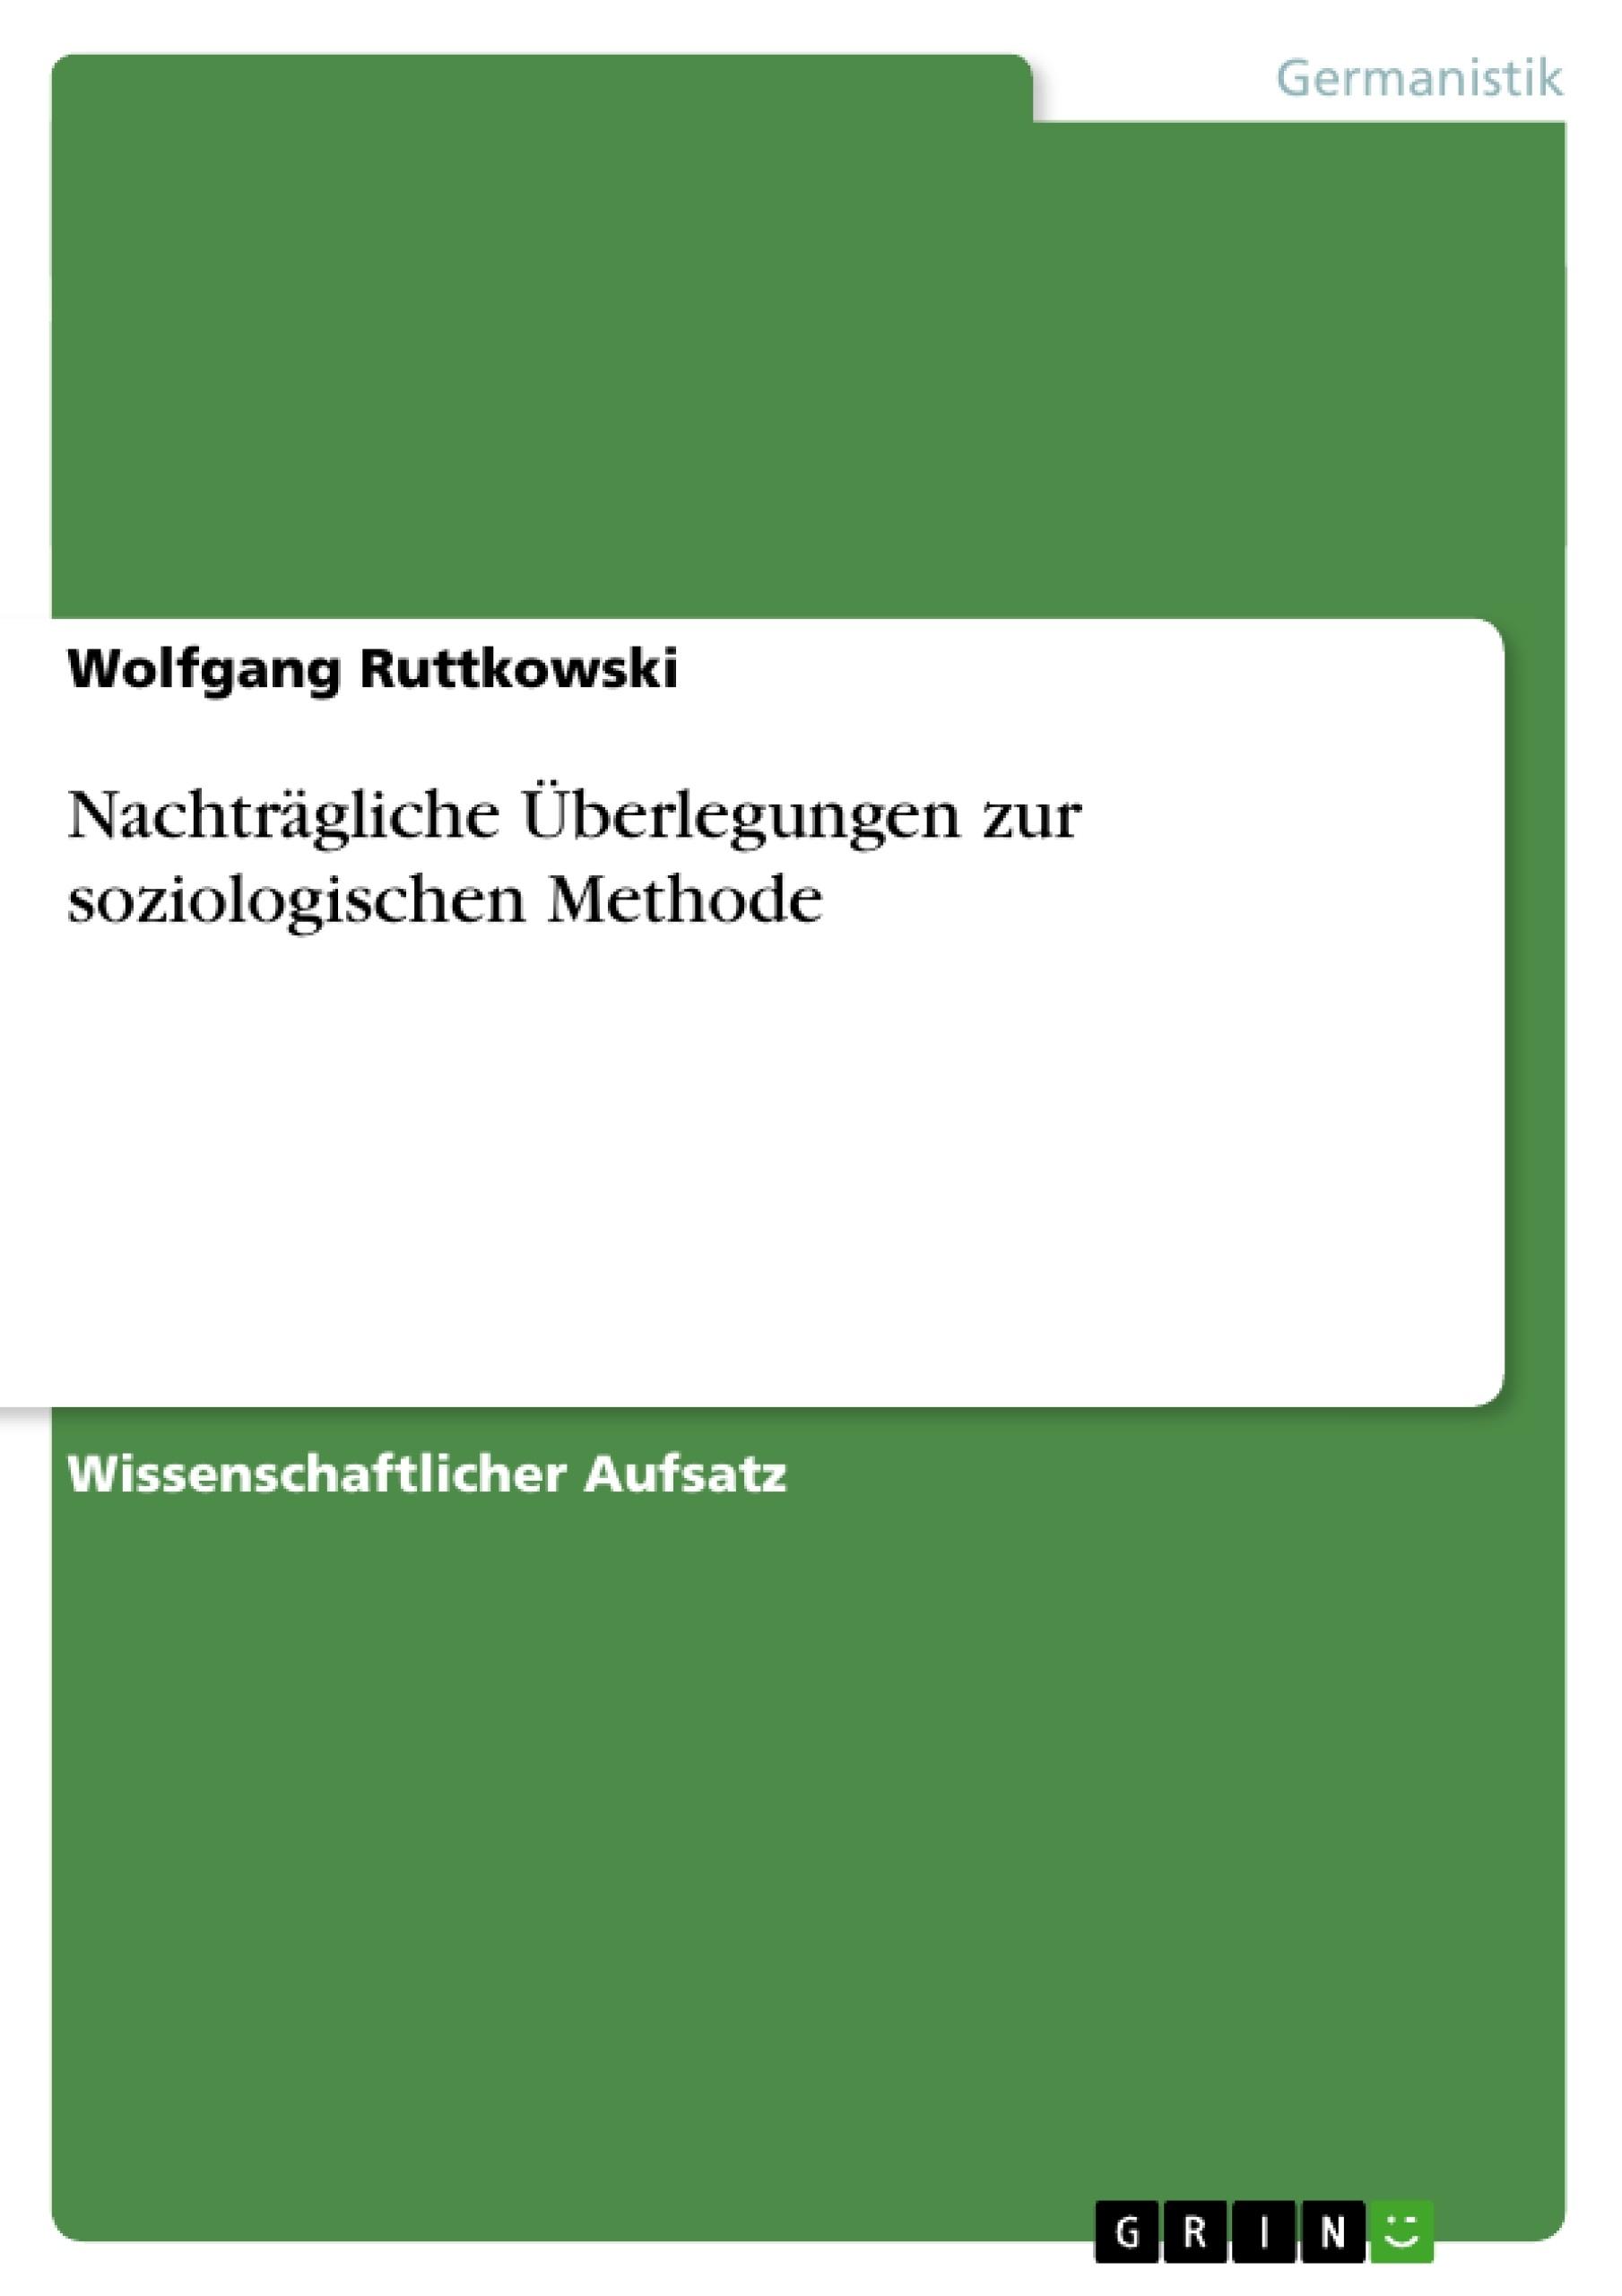 Titel: Nachträgliche Überlegungen zur soziologischen Methode